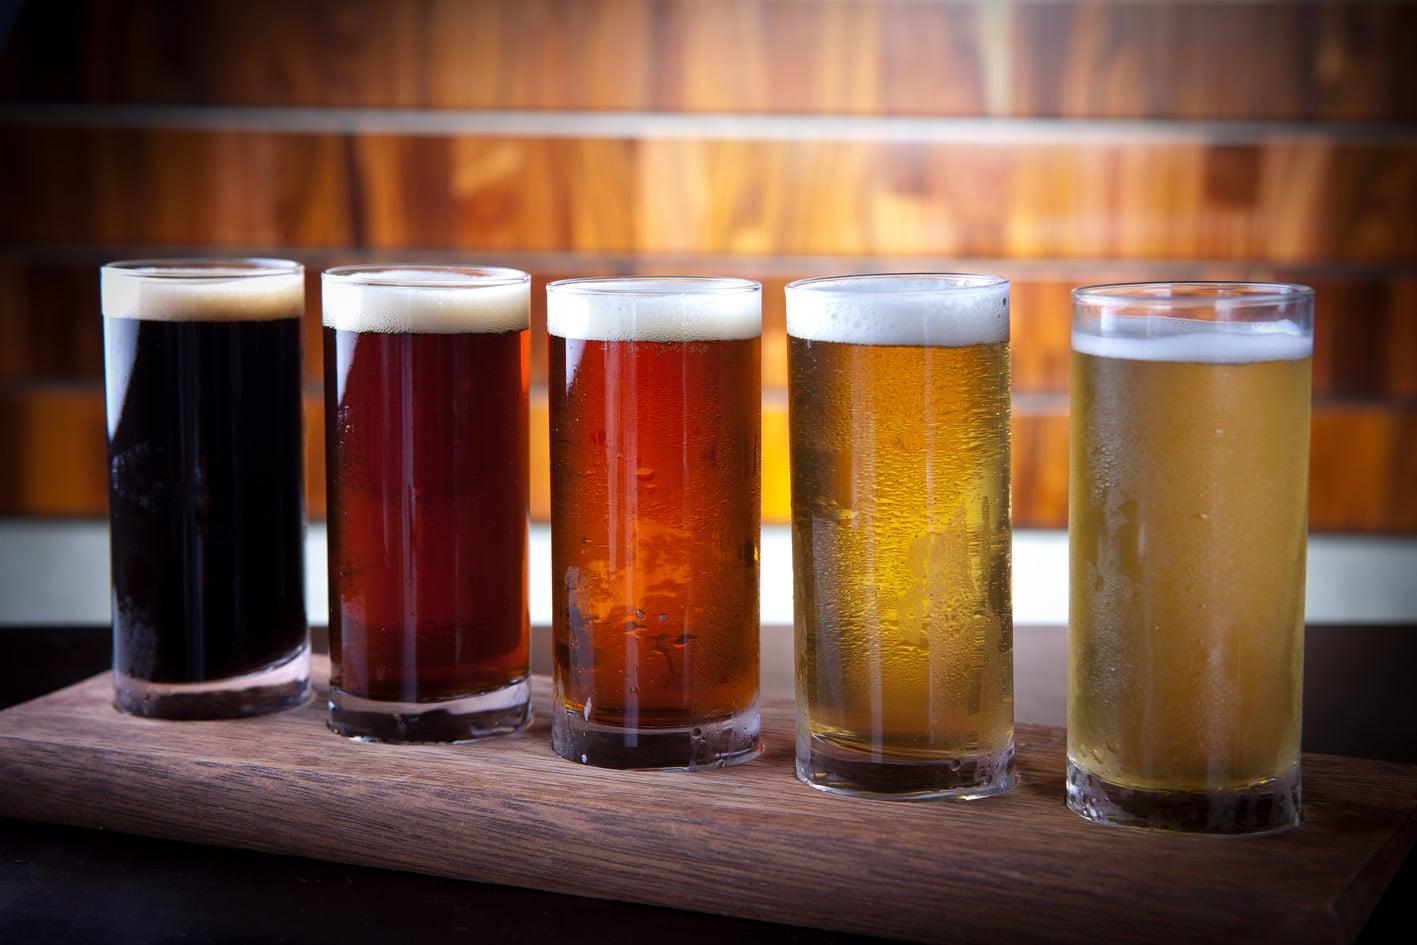 Amostras de cerveja.